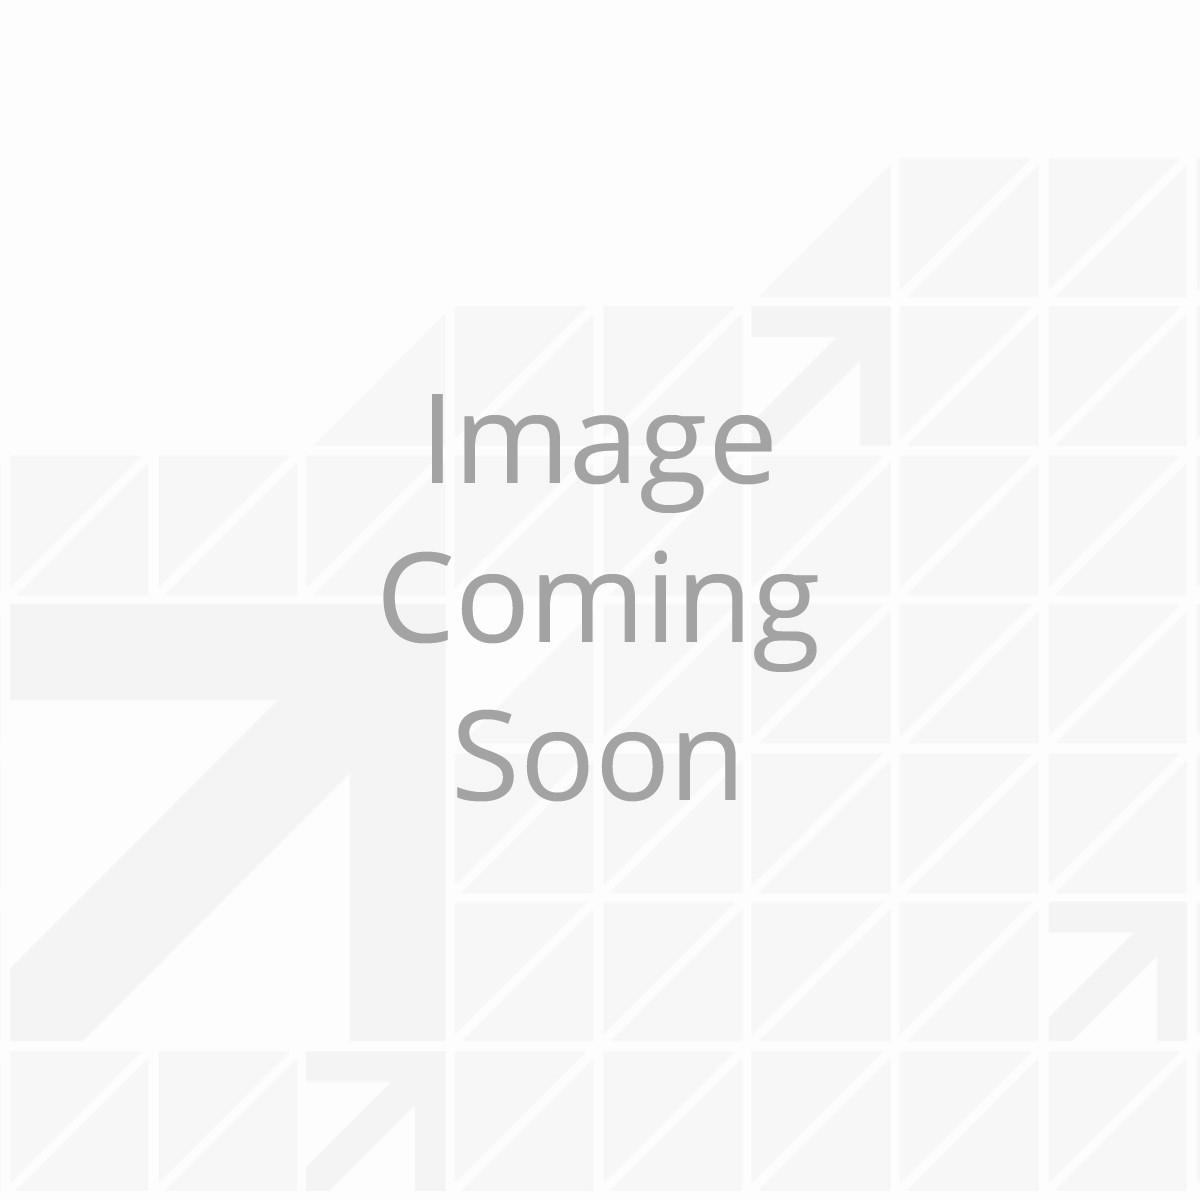 lippert-components-pin-box-assemblies_1